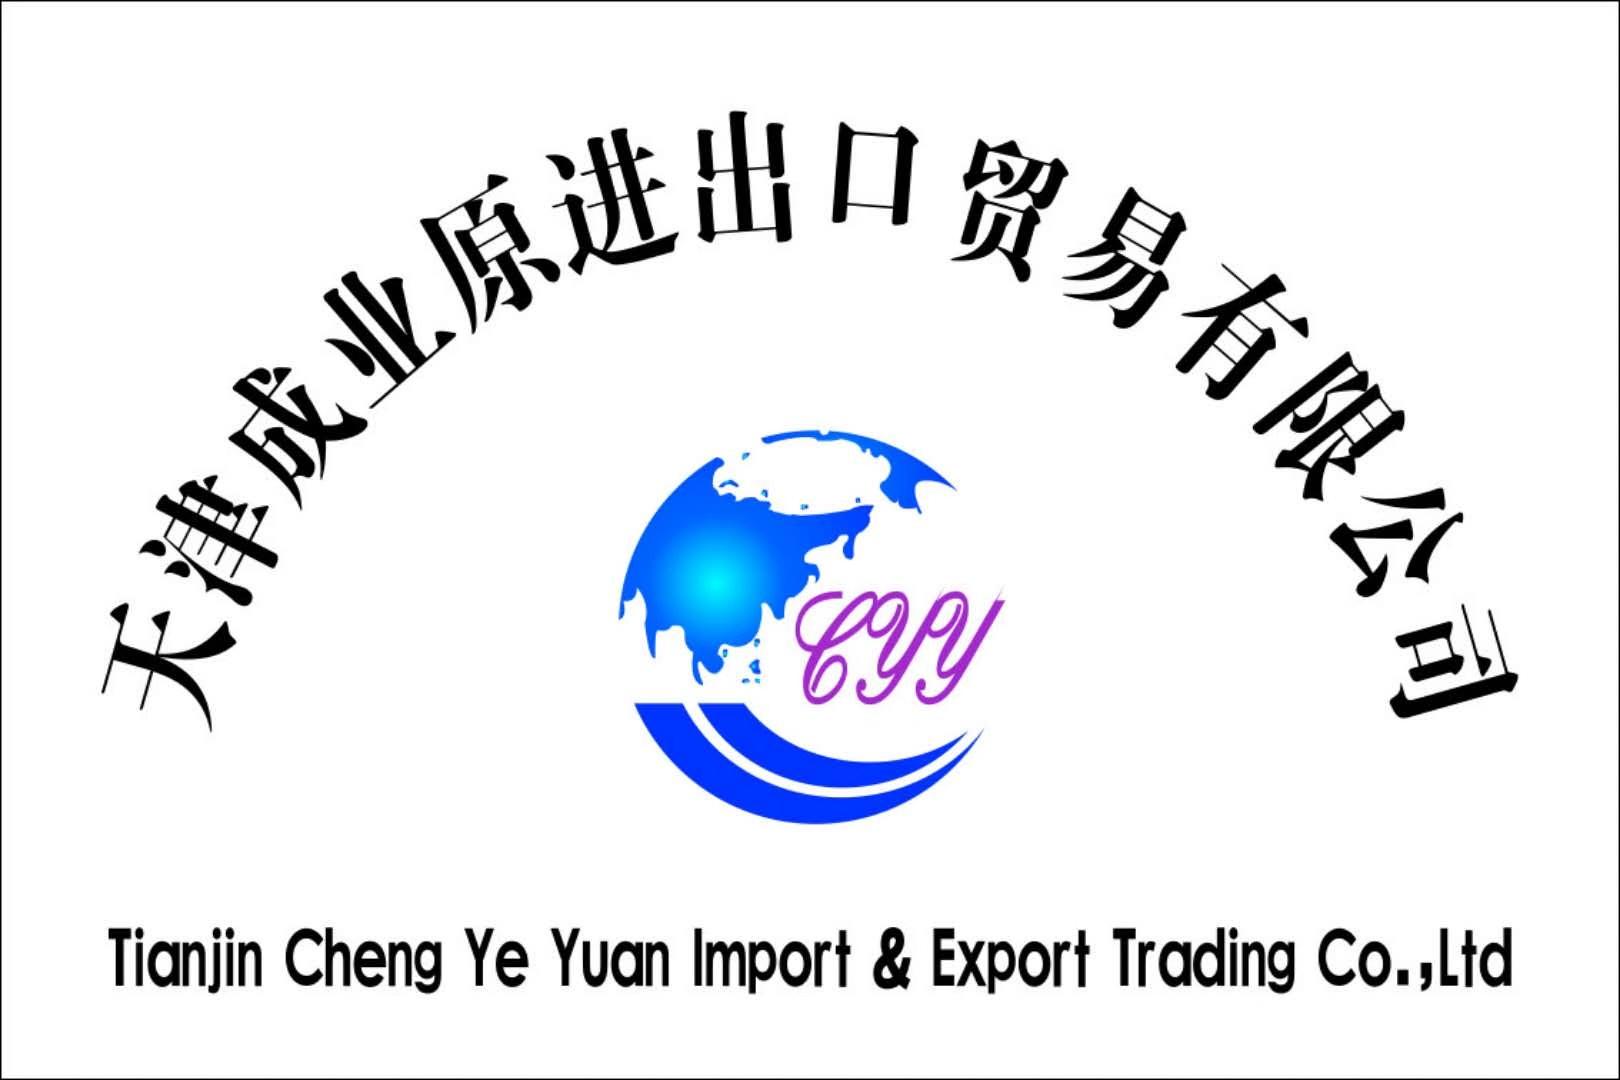 Tianjin Cheng Ye Yuan Import & Export Trading Co ,Ltd